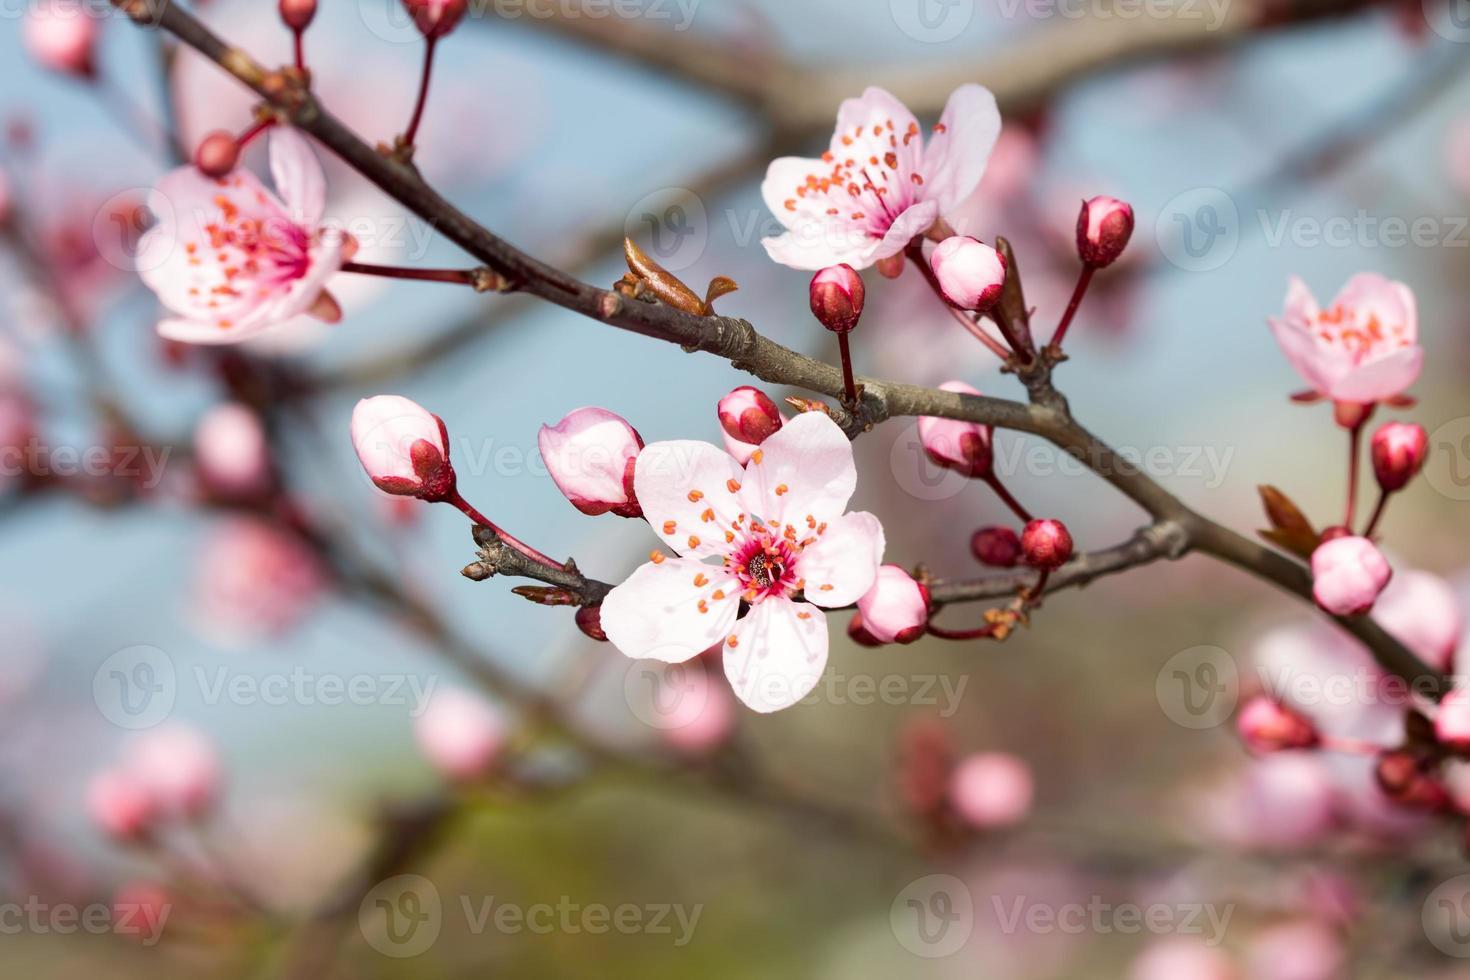 de vruchten bloeien in het voorjaar foto